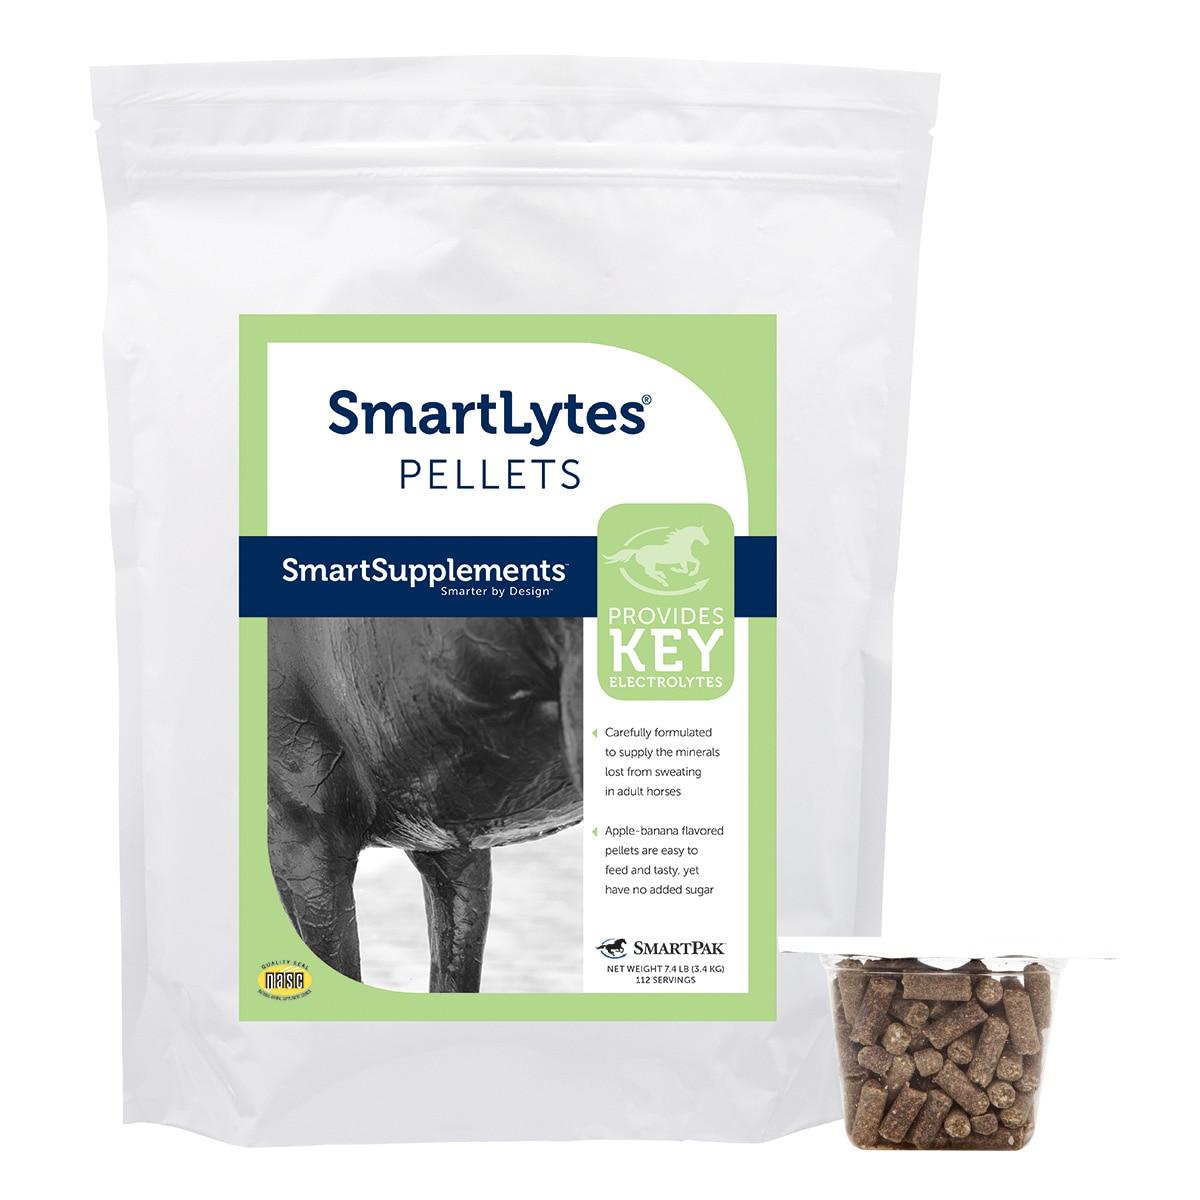 SmartLytes® Pellets